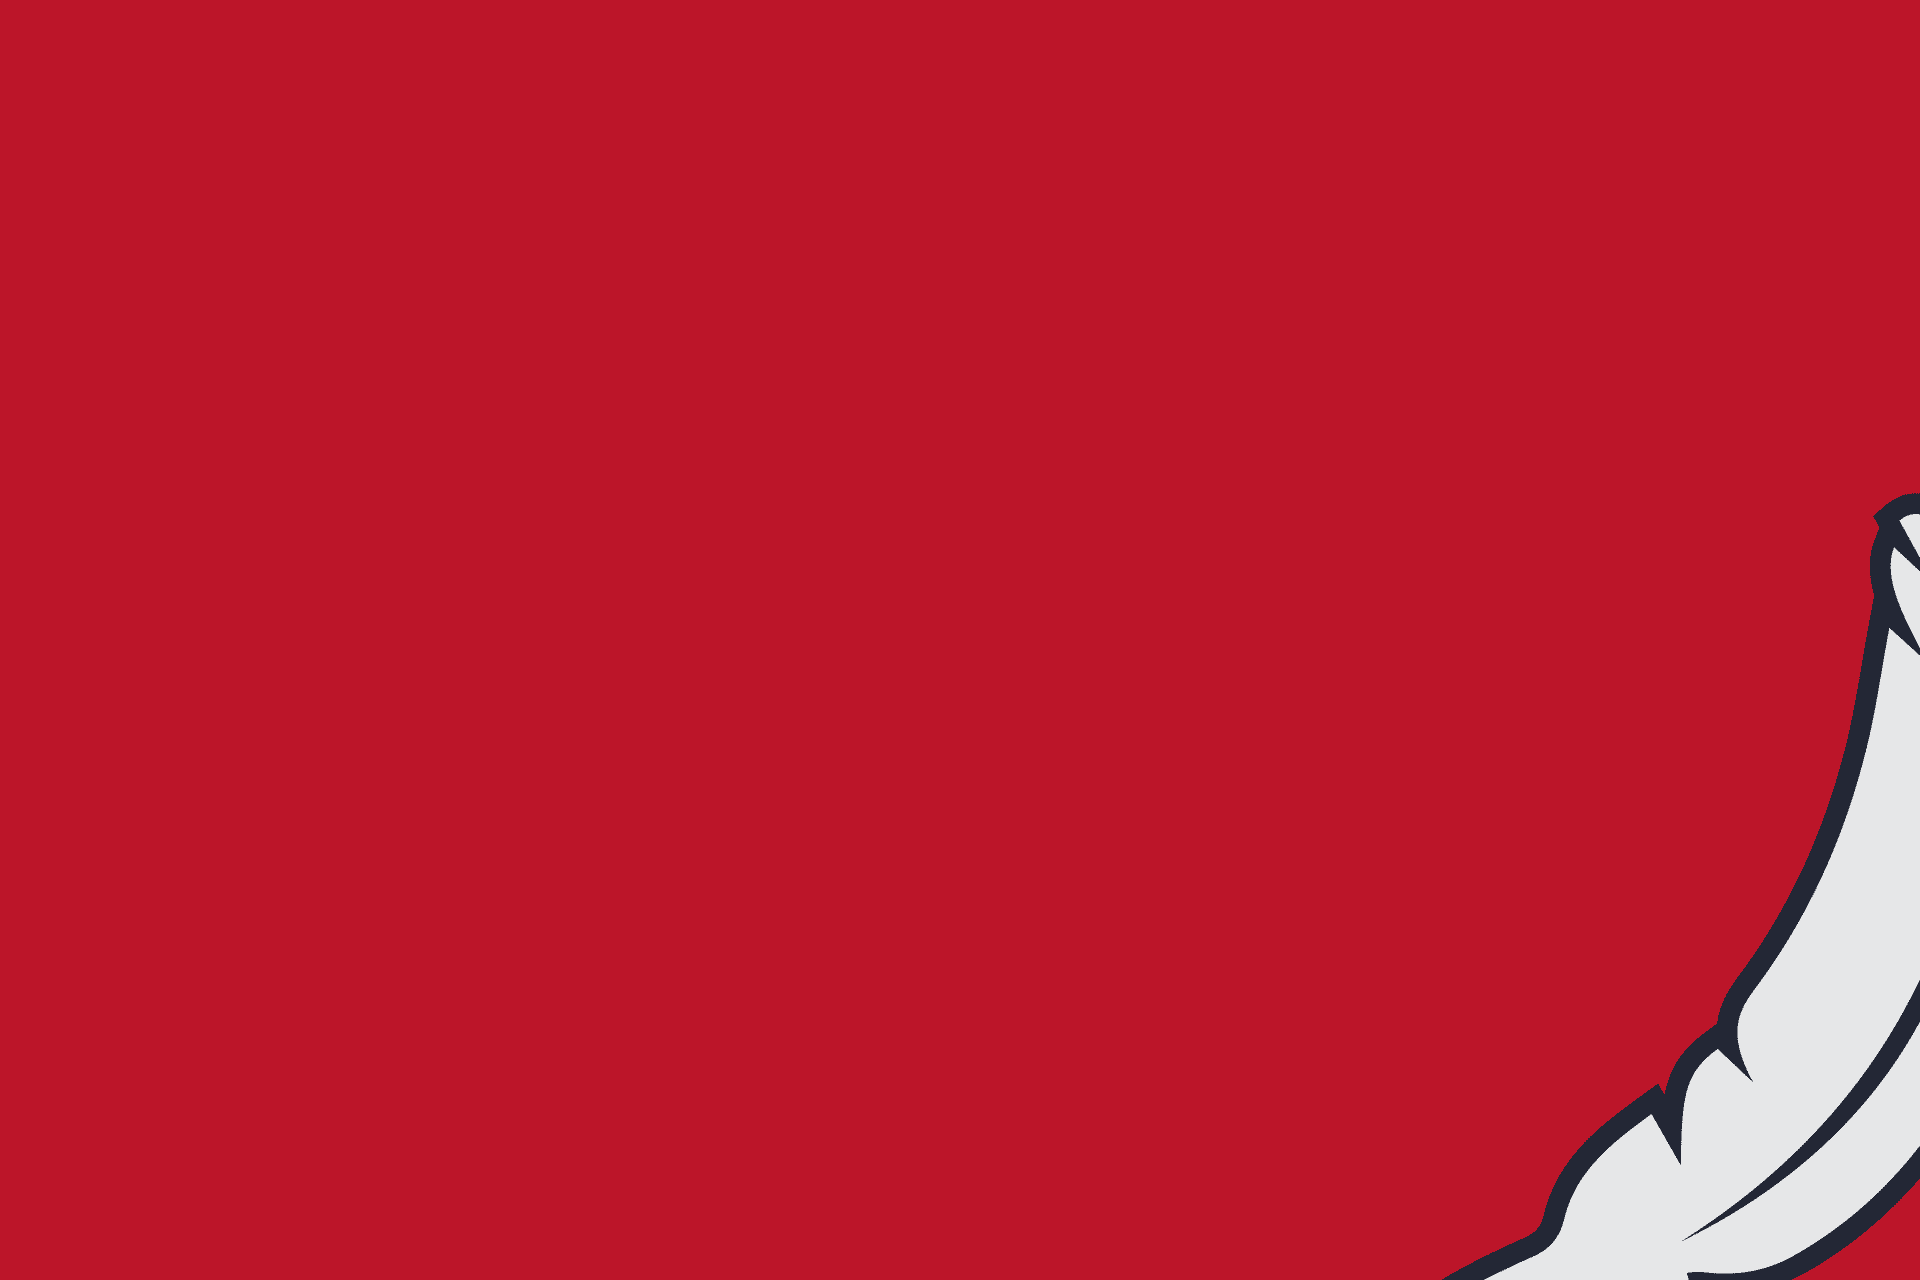 شعار - المركز المصري للحقوق الاقتصادية والاجتماعية